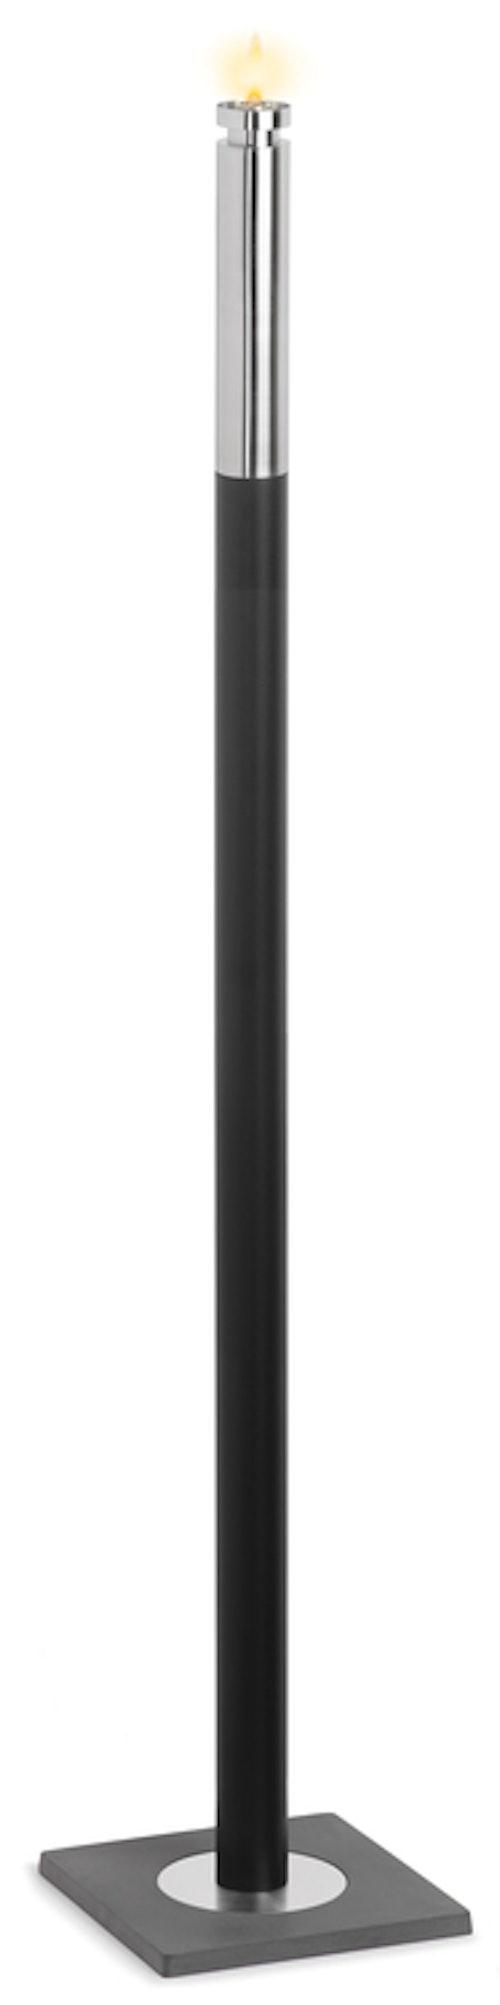 BLOMUS Barra fackla - Rostfritt stål